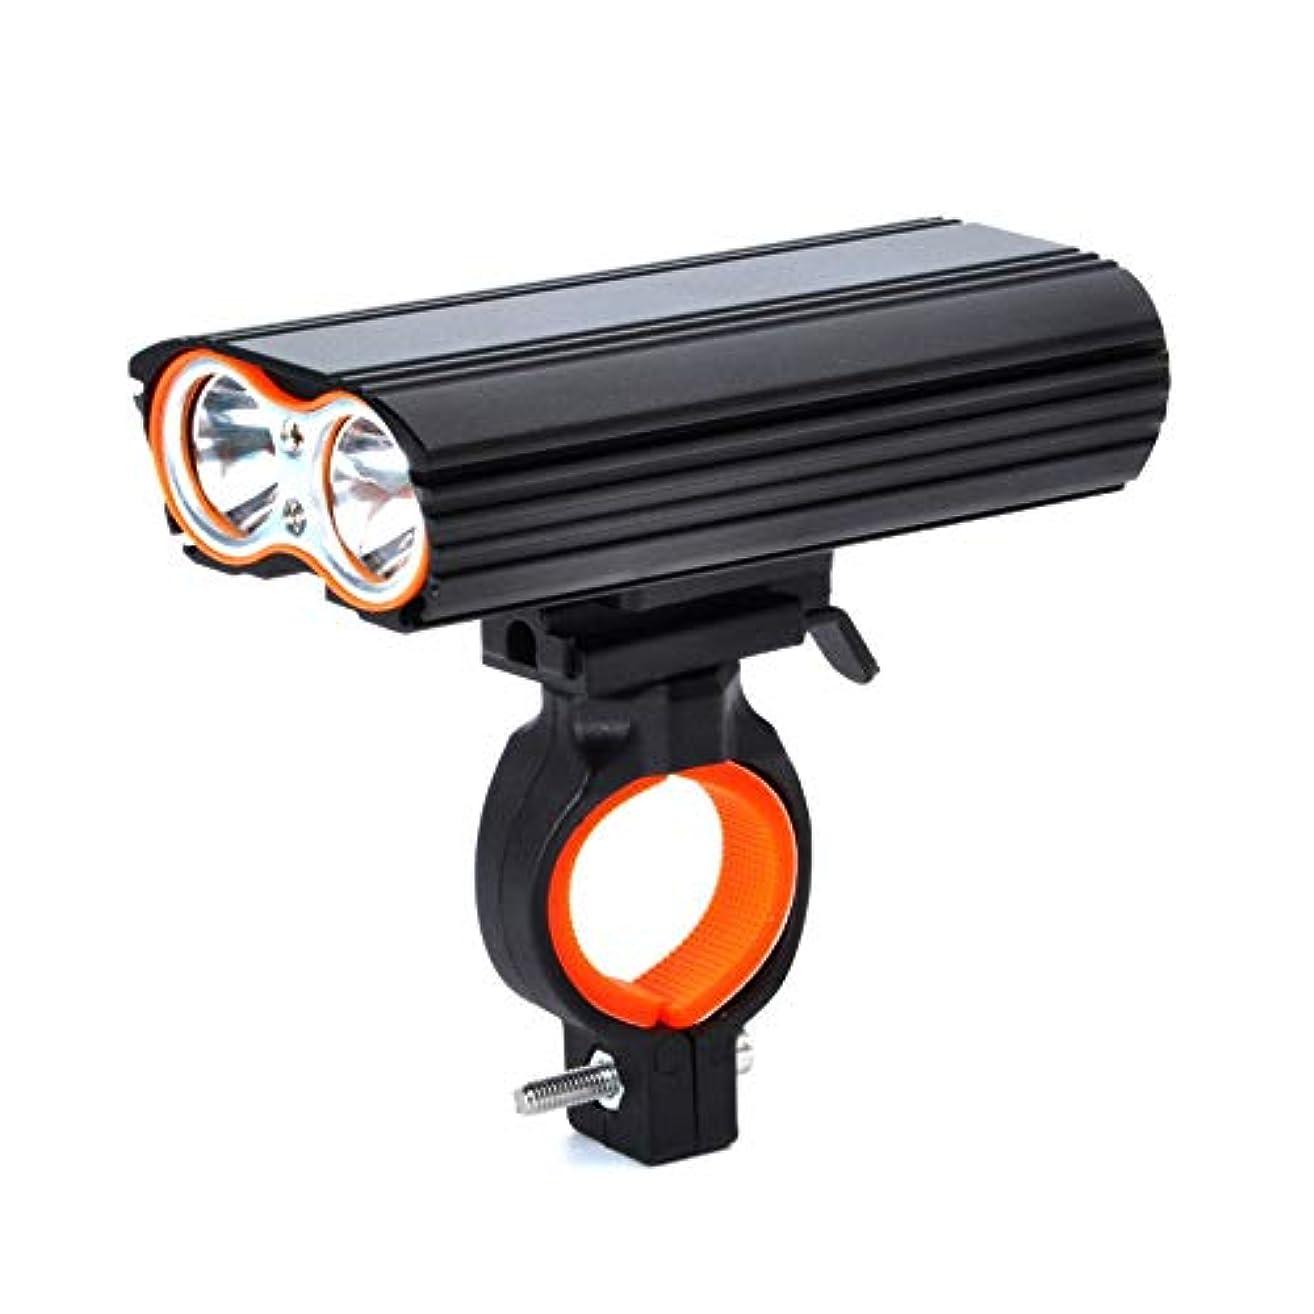 アーネストシャクルトン広々とした一般化するOkiiting USB充電式自転車ライトセット強力なルーメン自転車用ヘッドライト設置が簡単子供用男性用および女性用道路自転車用安全懐中電灯グレア自転車用ライト防水自転車用ライト 芯灯長寿命 うまく設計された